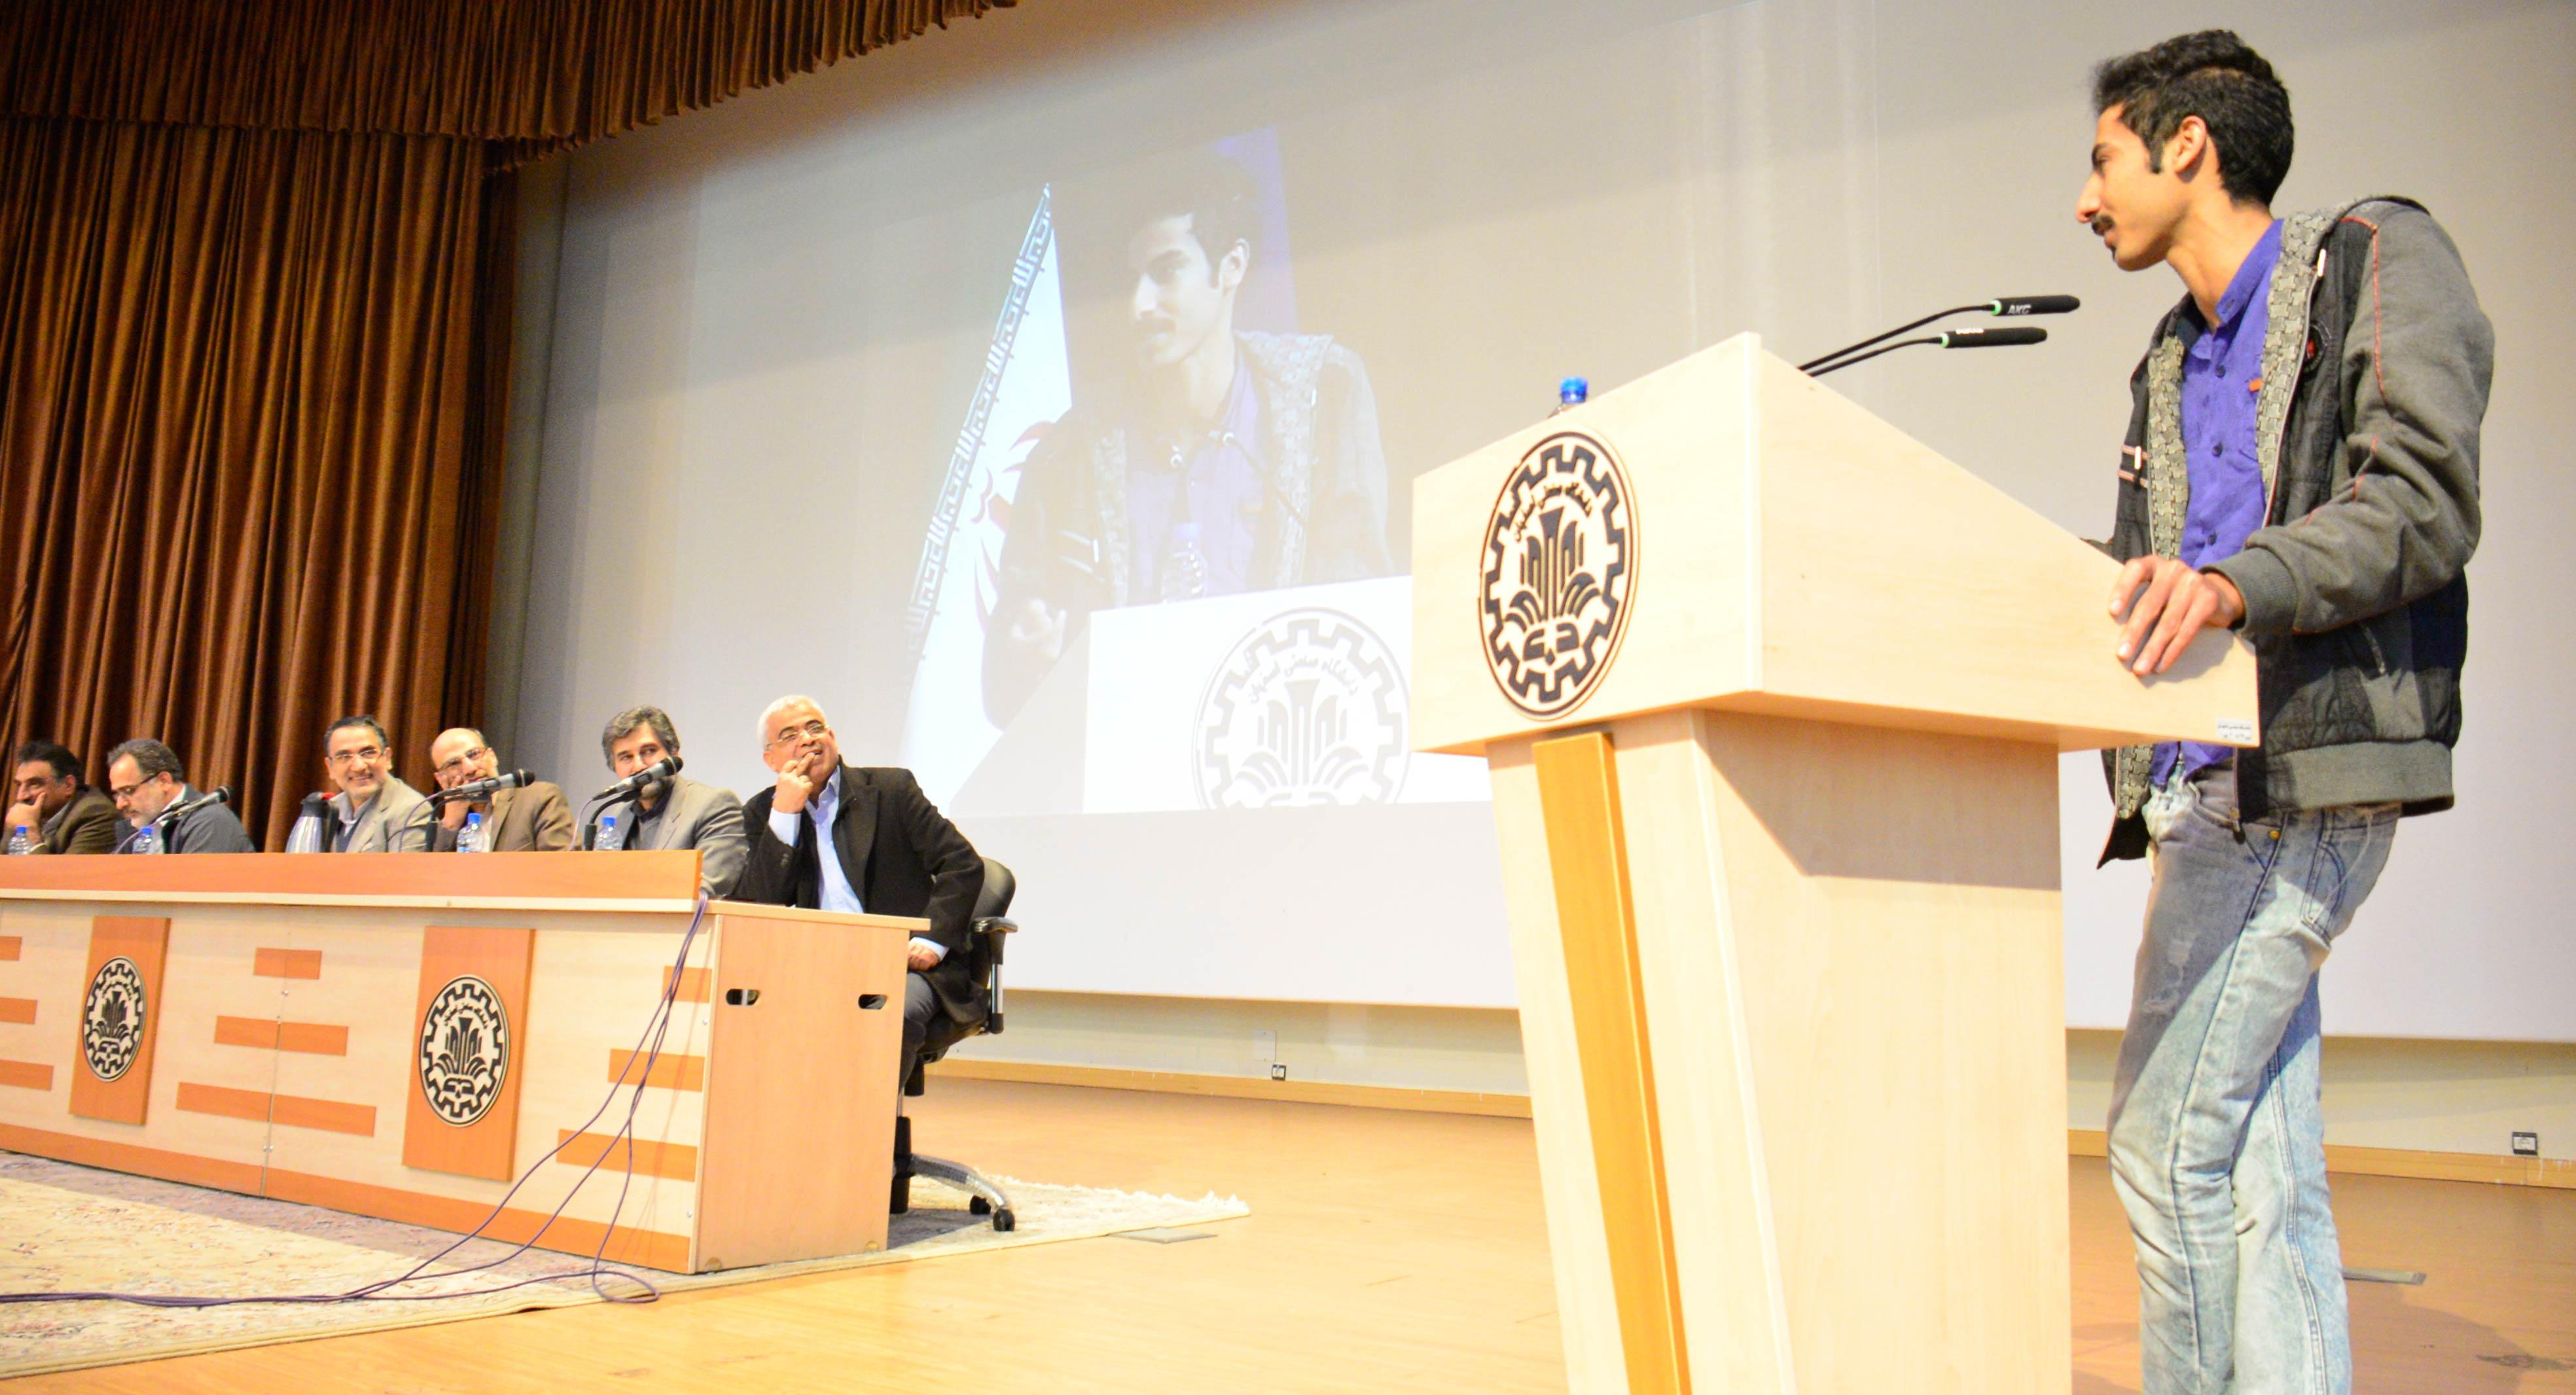 نشست پرسش و پاسخ دانشجویان با اعضای هیأت رئیسه دانشگاه صنعتی اصفهان